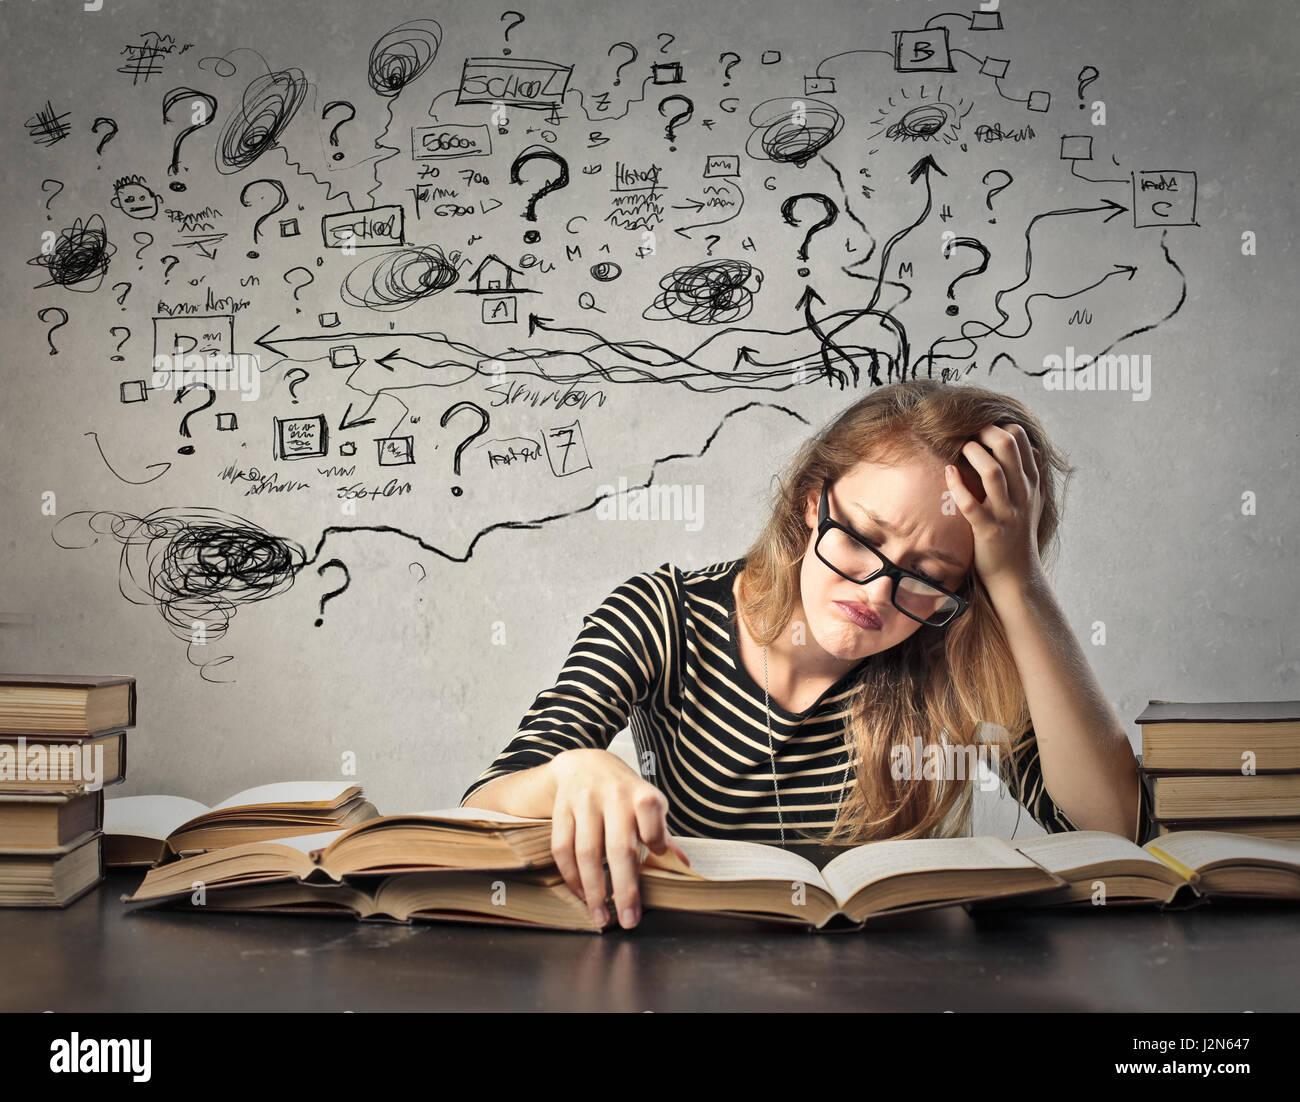 Verwirrt Frau innen studieren Stockbild